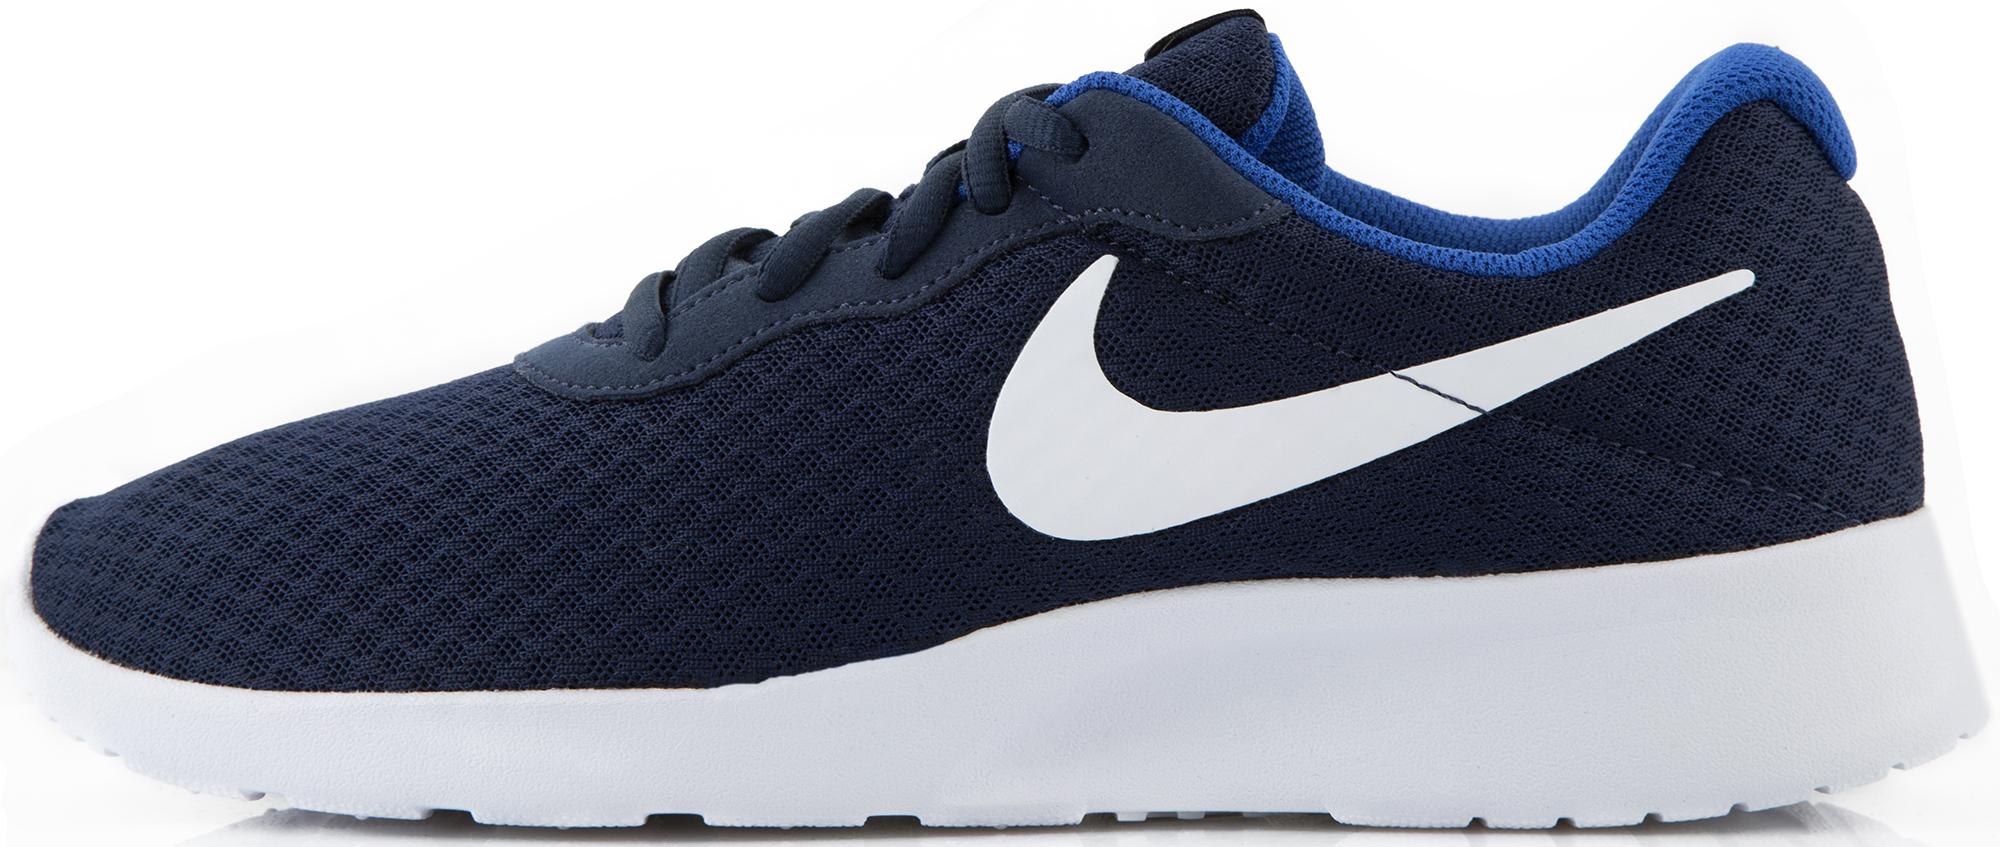 Nike Кроссовки мужские Nike Tanjun кроссовки мужские лакост купить в москве